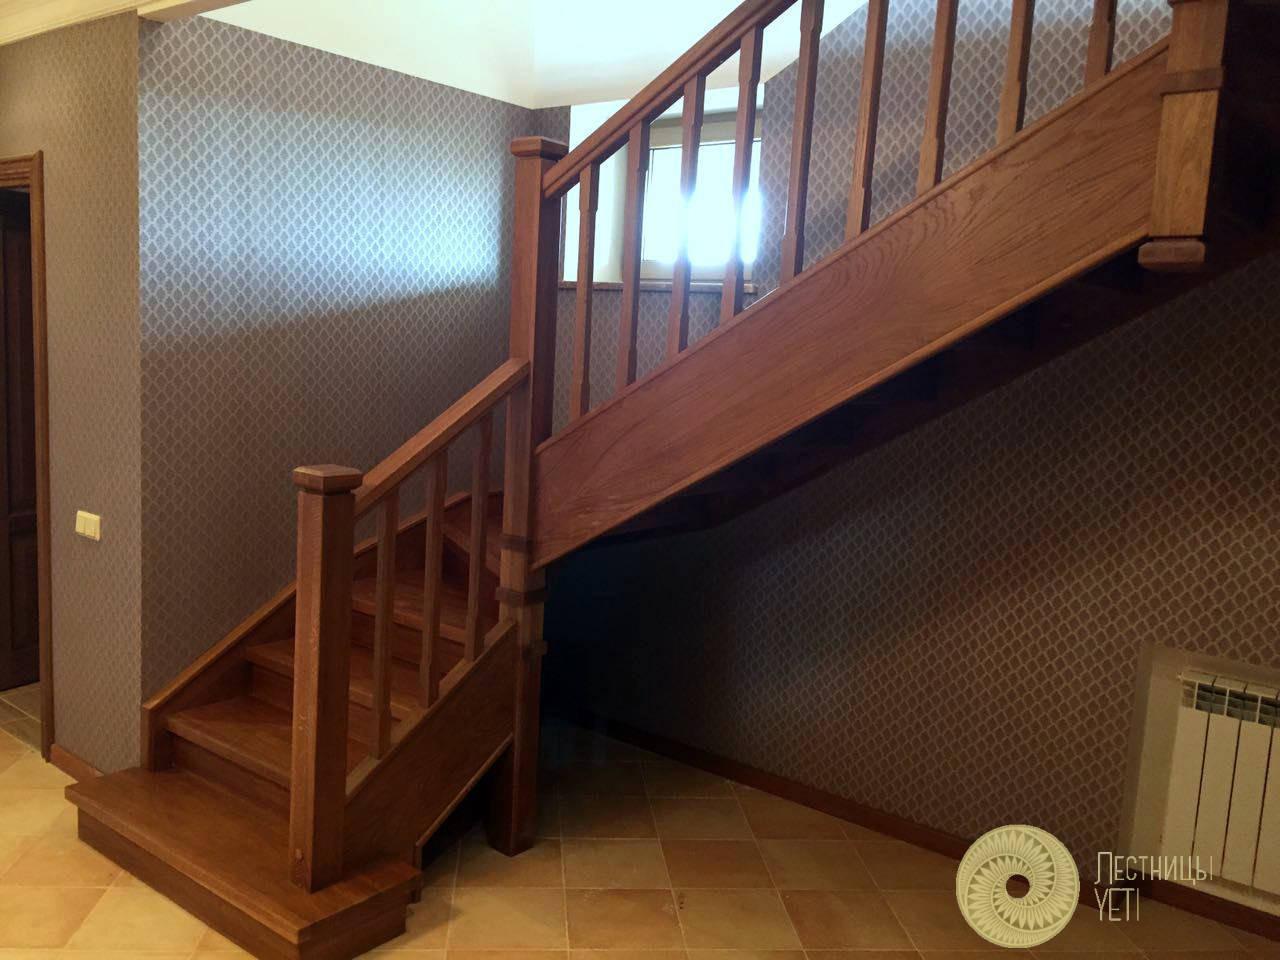 деревянная лестница на тетивах в стиле кантри